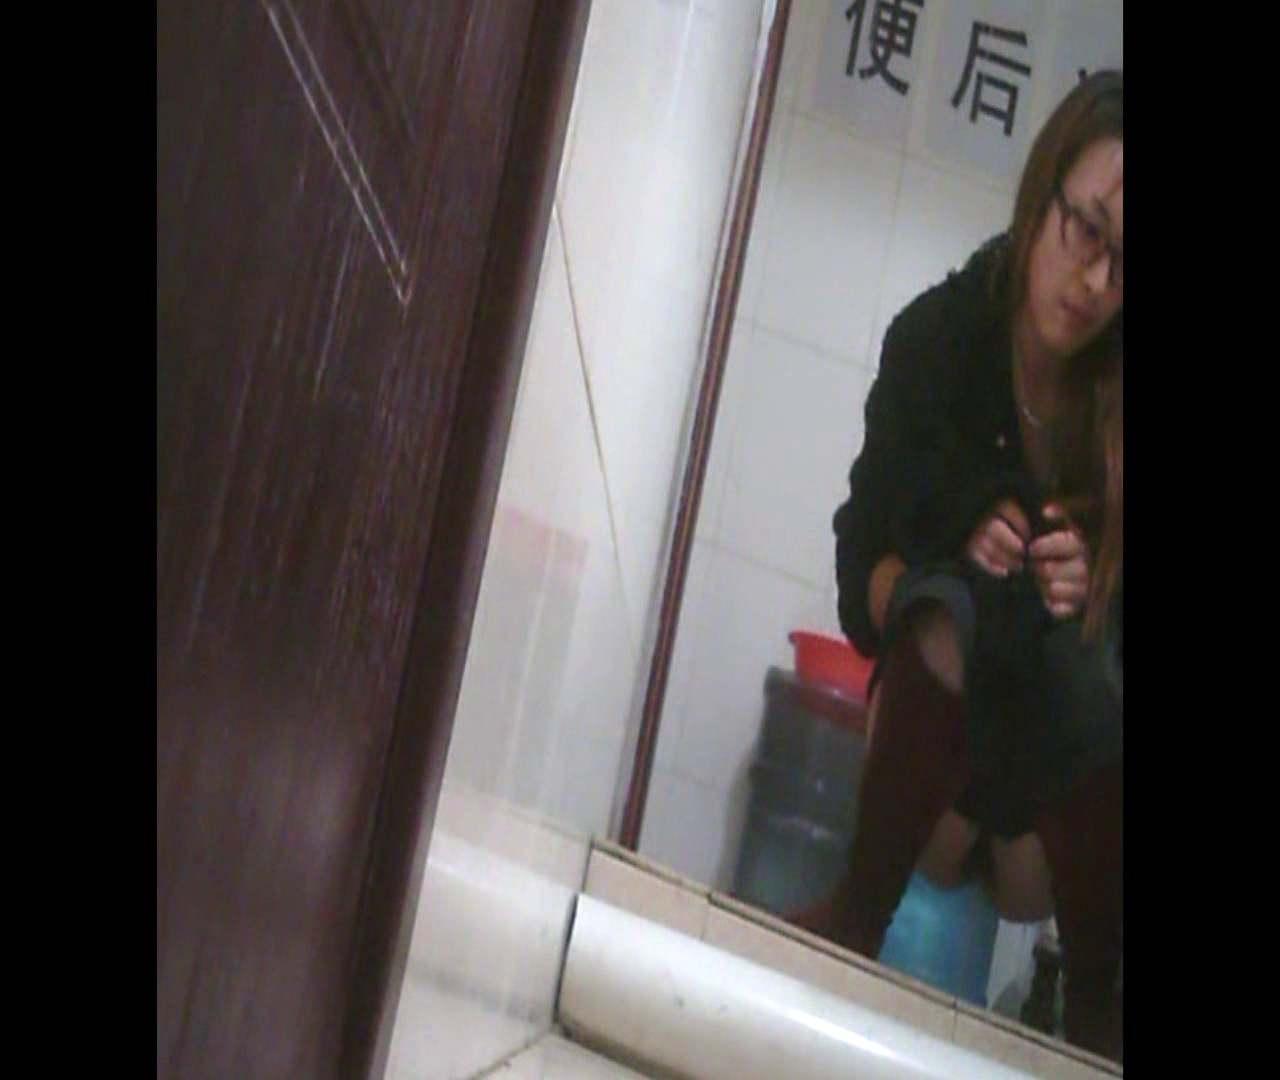 トイレ盗撮|Vol.31見た目もワイルド系美女!、もちろん終わった後も・・・。|怪盗ジョーカー